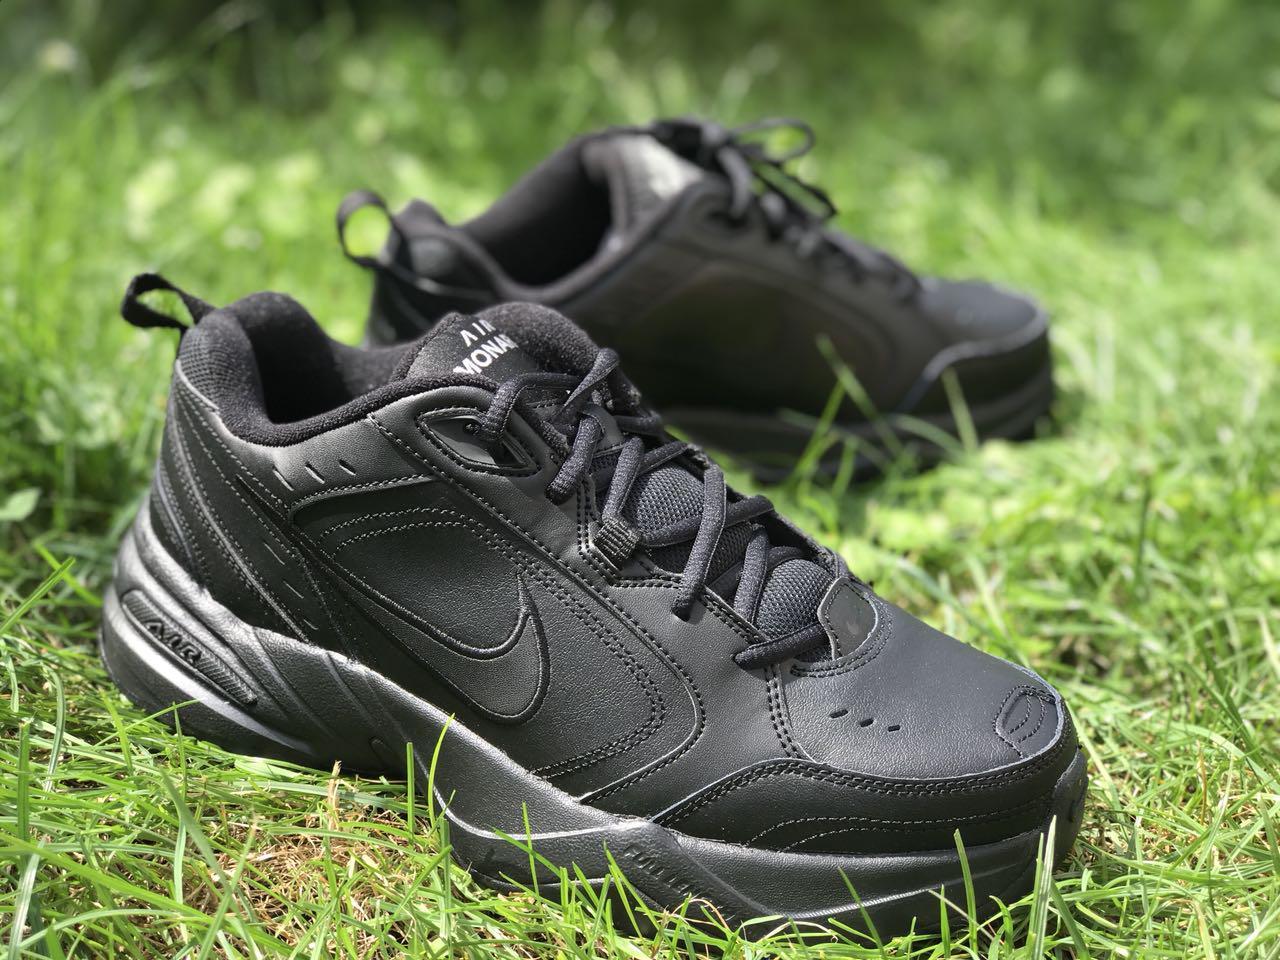 b0c3532c Оригинальные мужские кроссовки Nike Air Monarch IV Black - Sport-Boots -  Только оригинальные товары